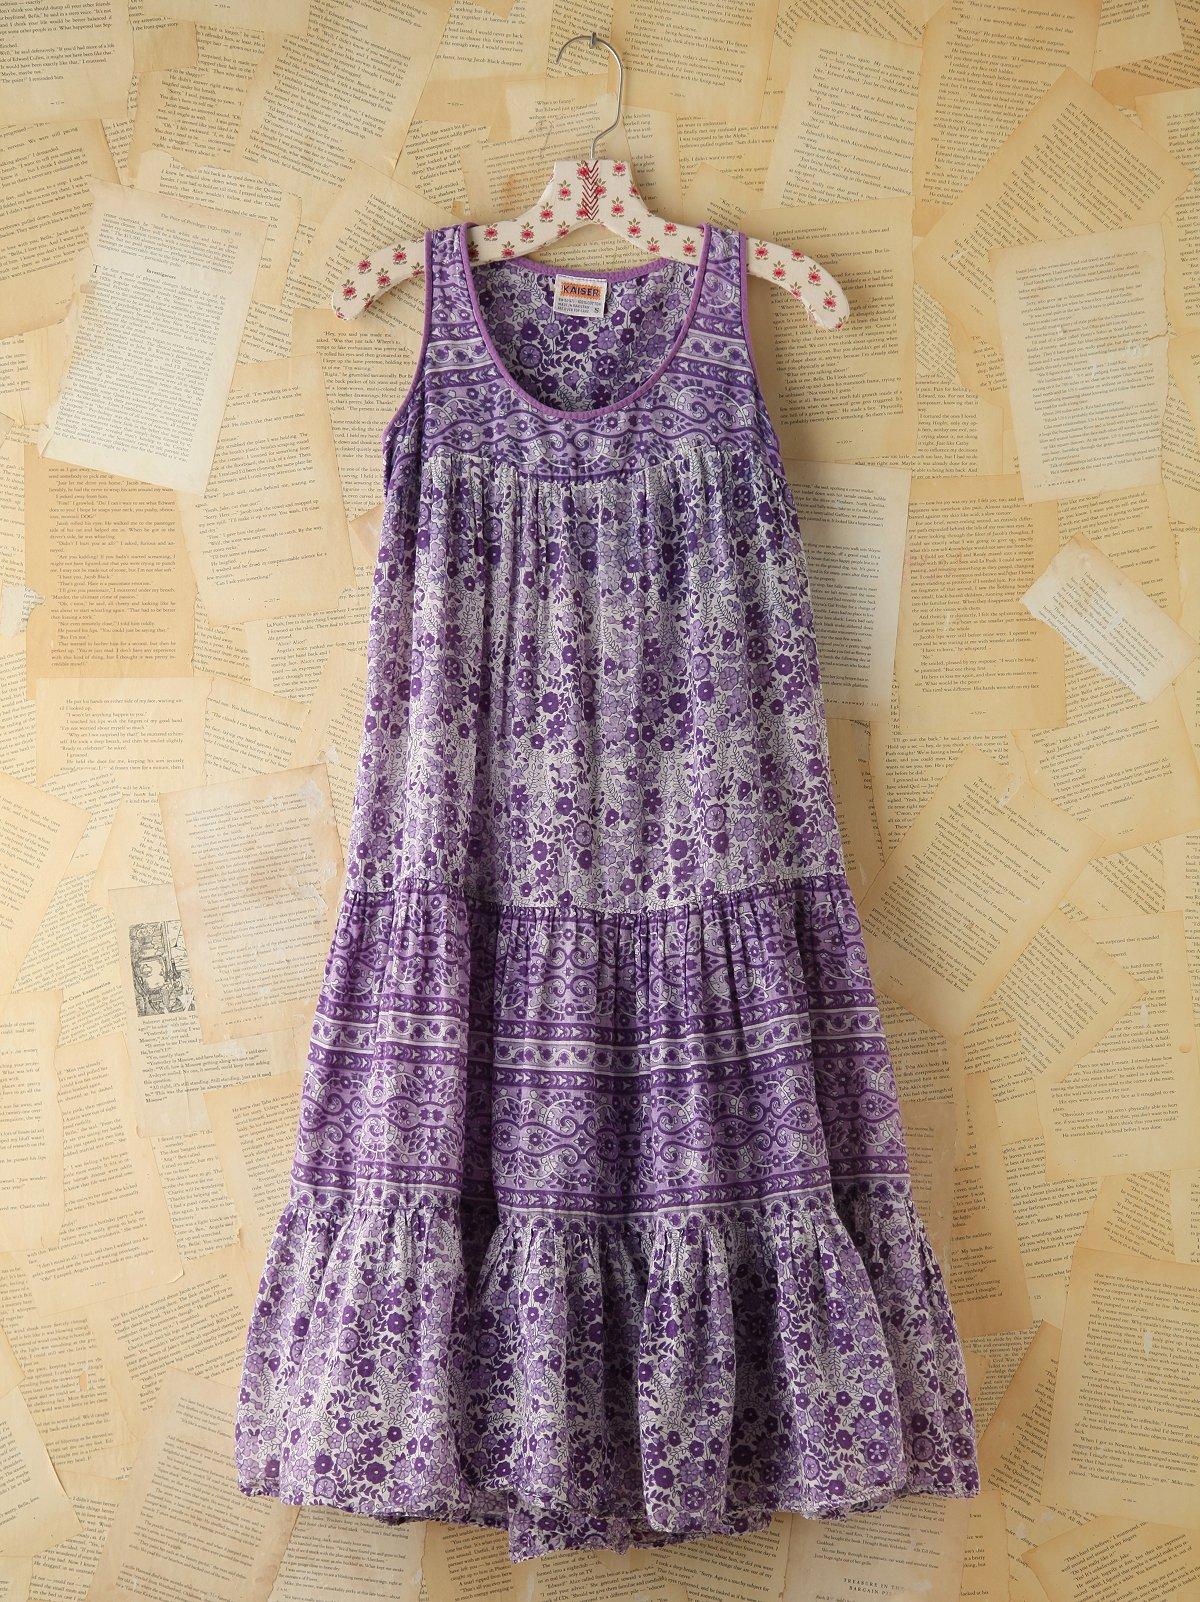 Vintage Floral Printed Dress